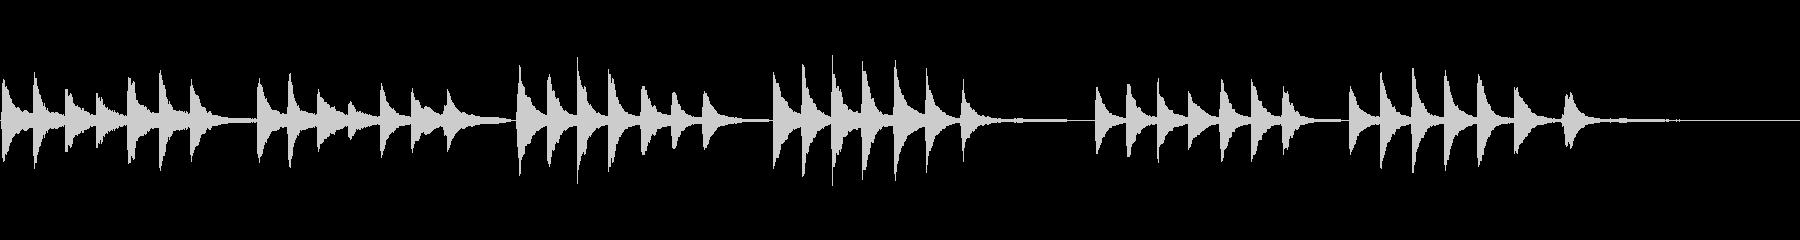 静かなピアノ小品の未再生の波形